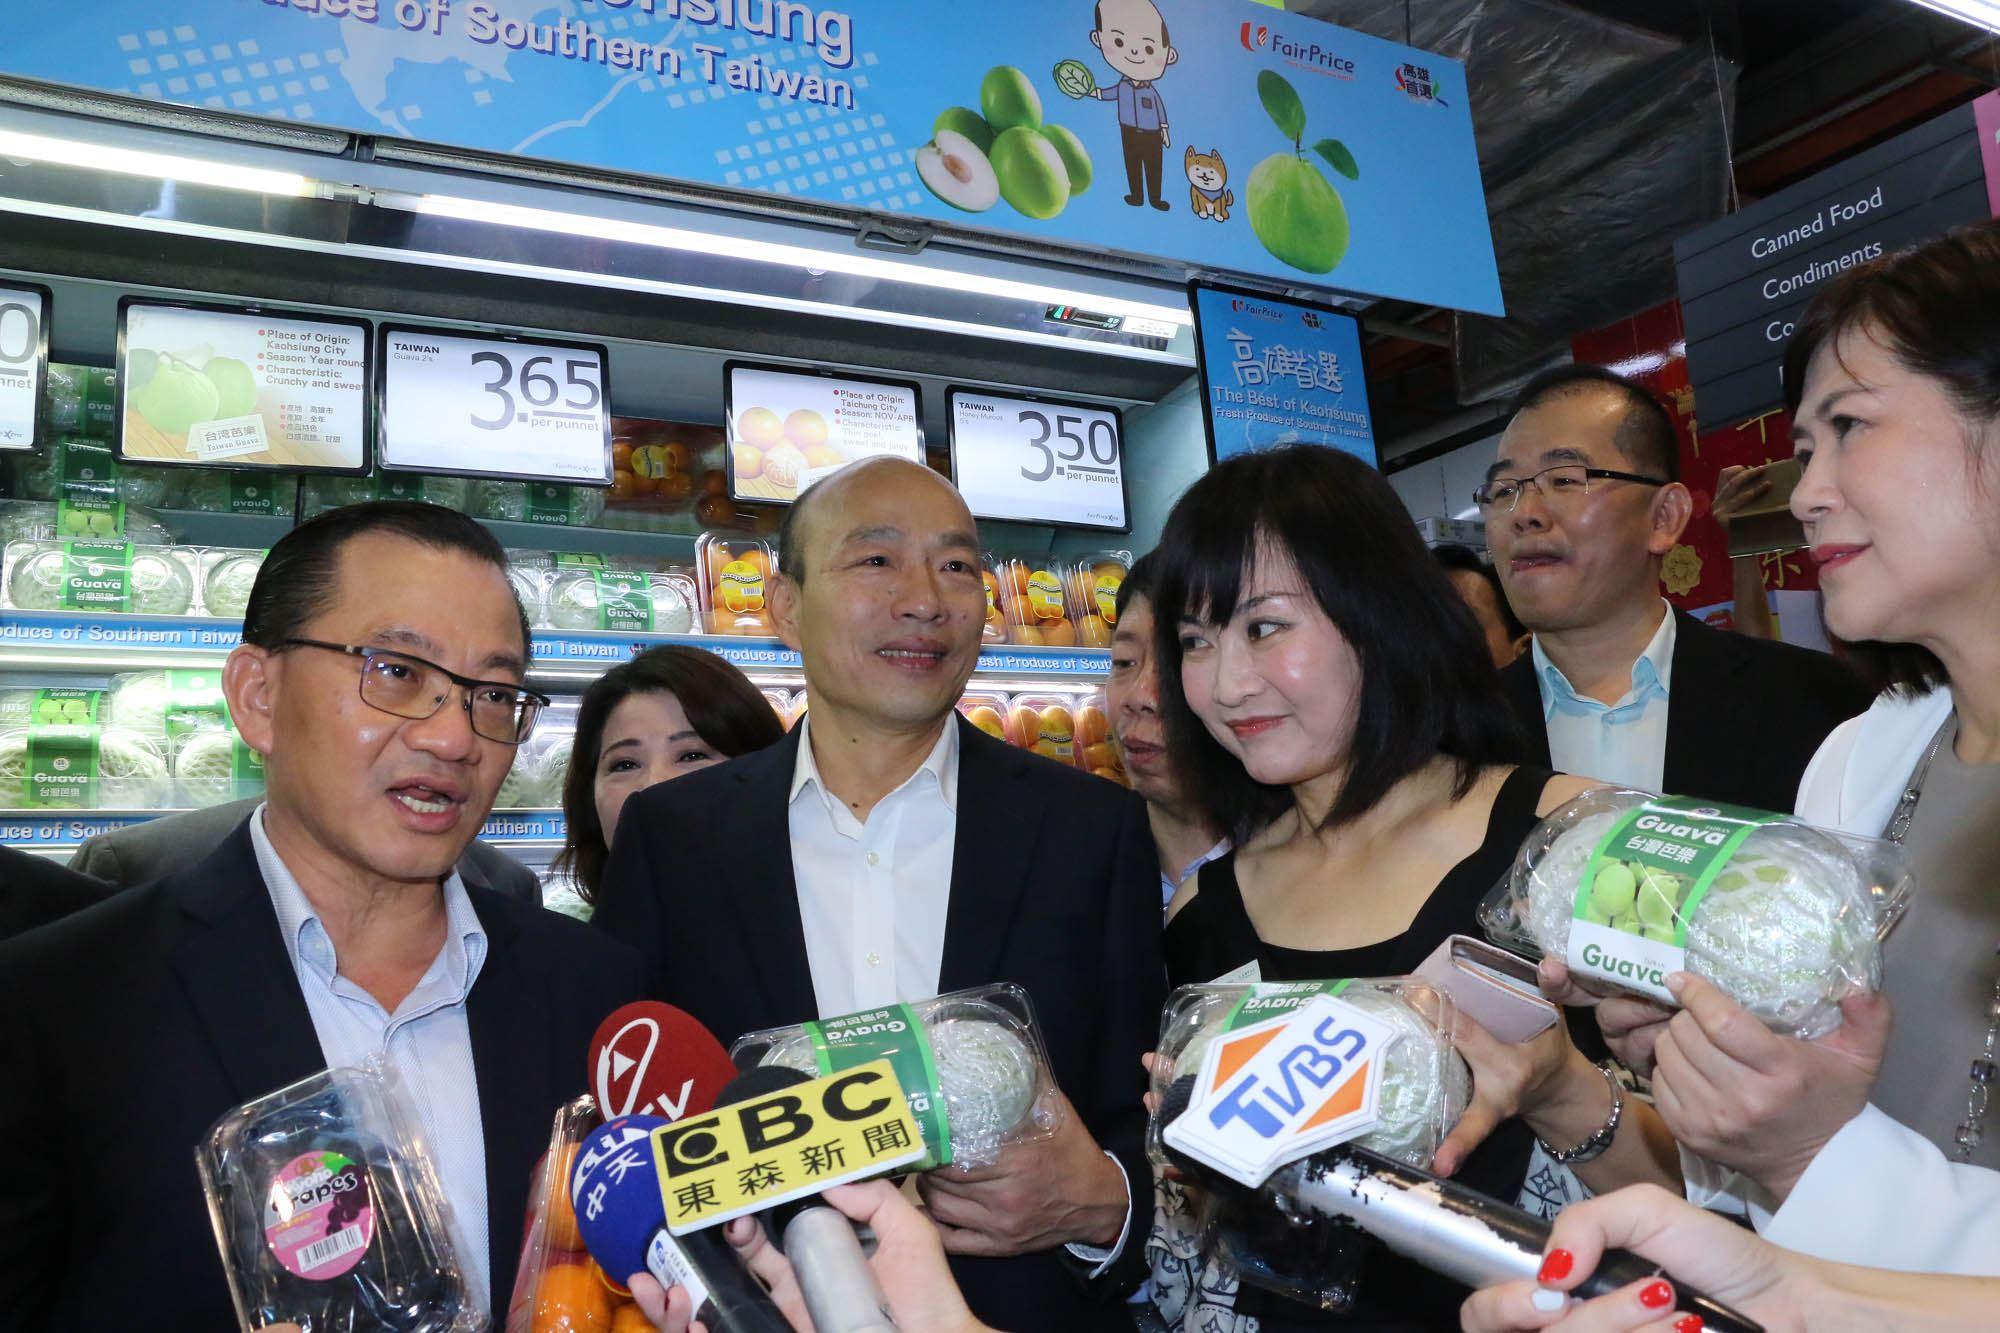 20190226韓國瑜赴星拓銷農產 與FairPrice簽訂長期合約-通稿五.JPG.jpg